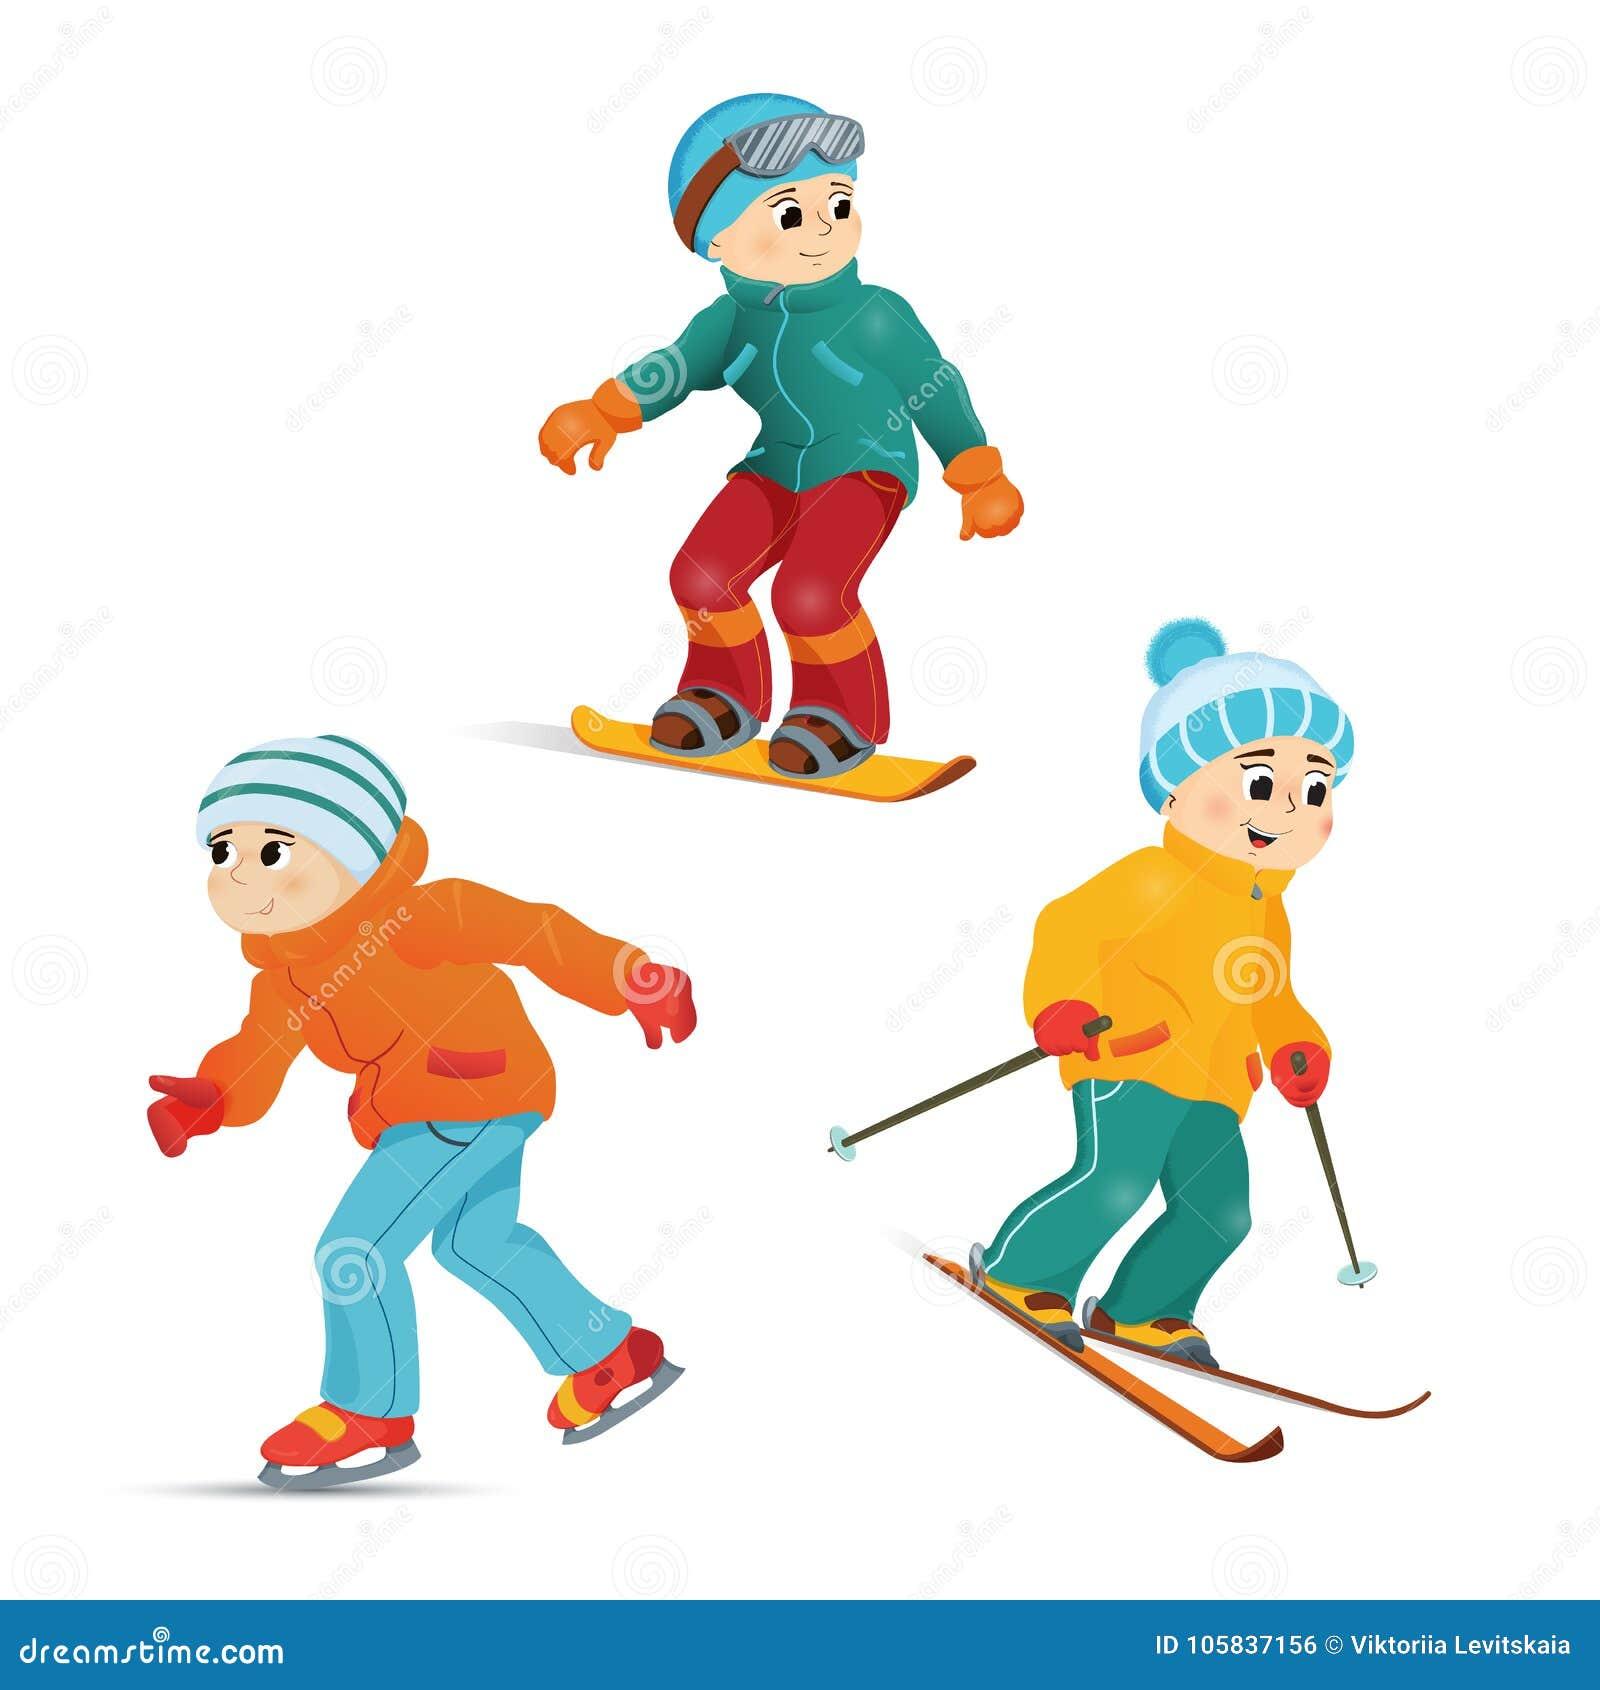 青少年男孩滑雪,雪板运动和滑冰图片